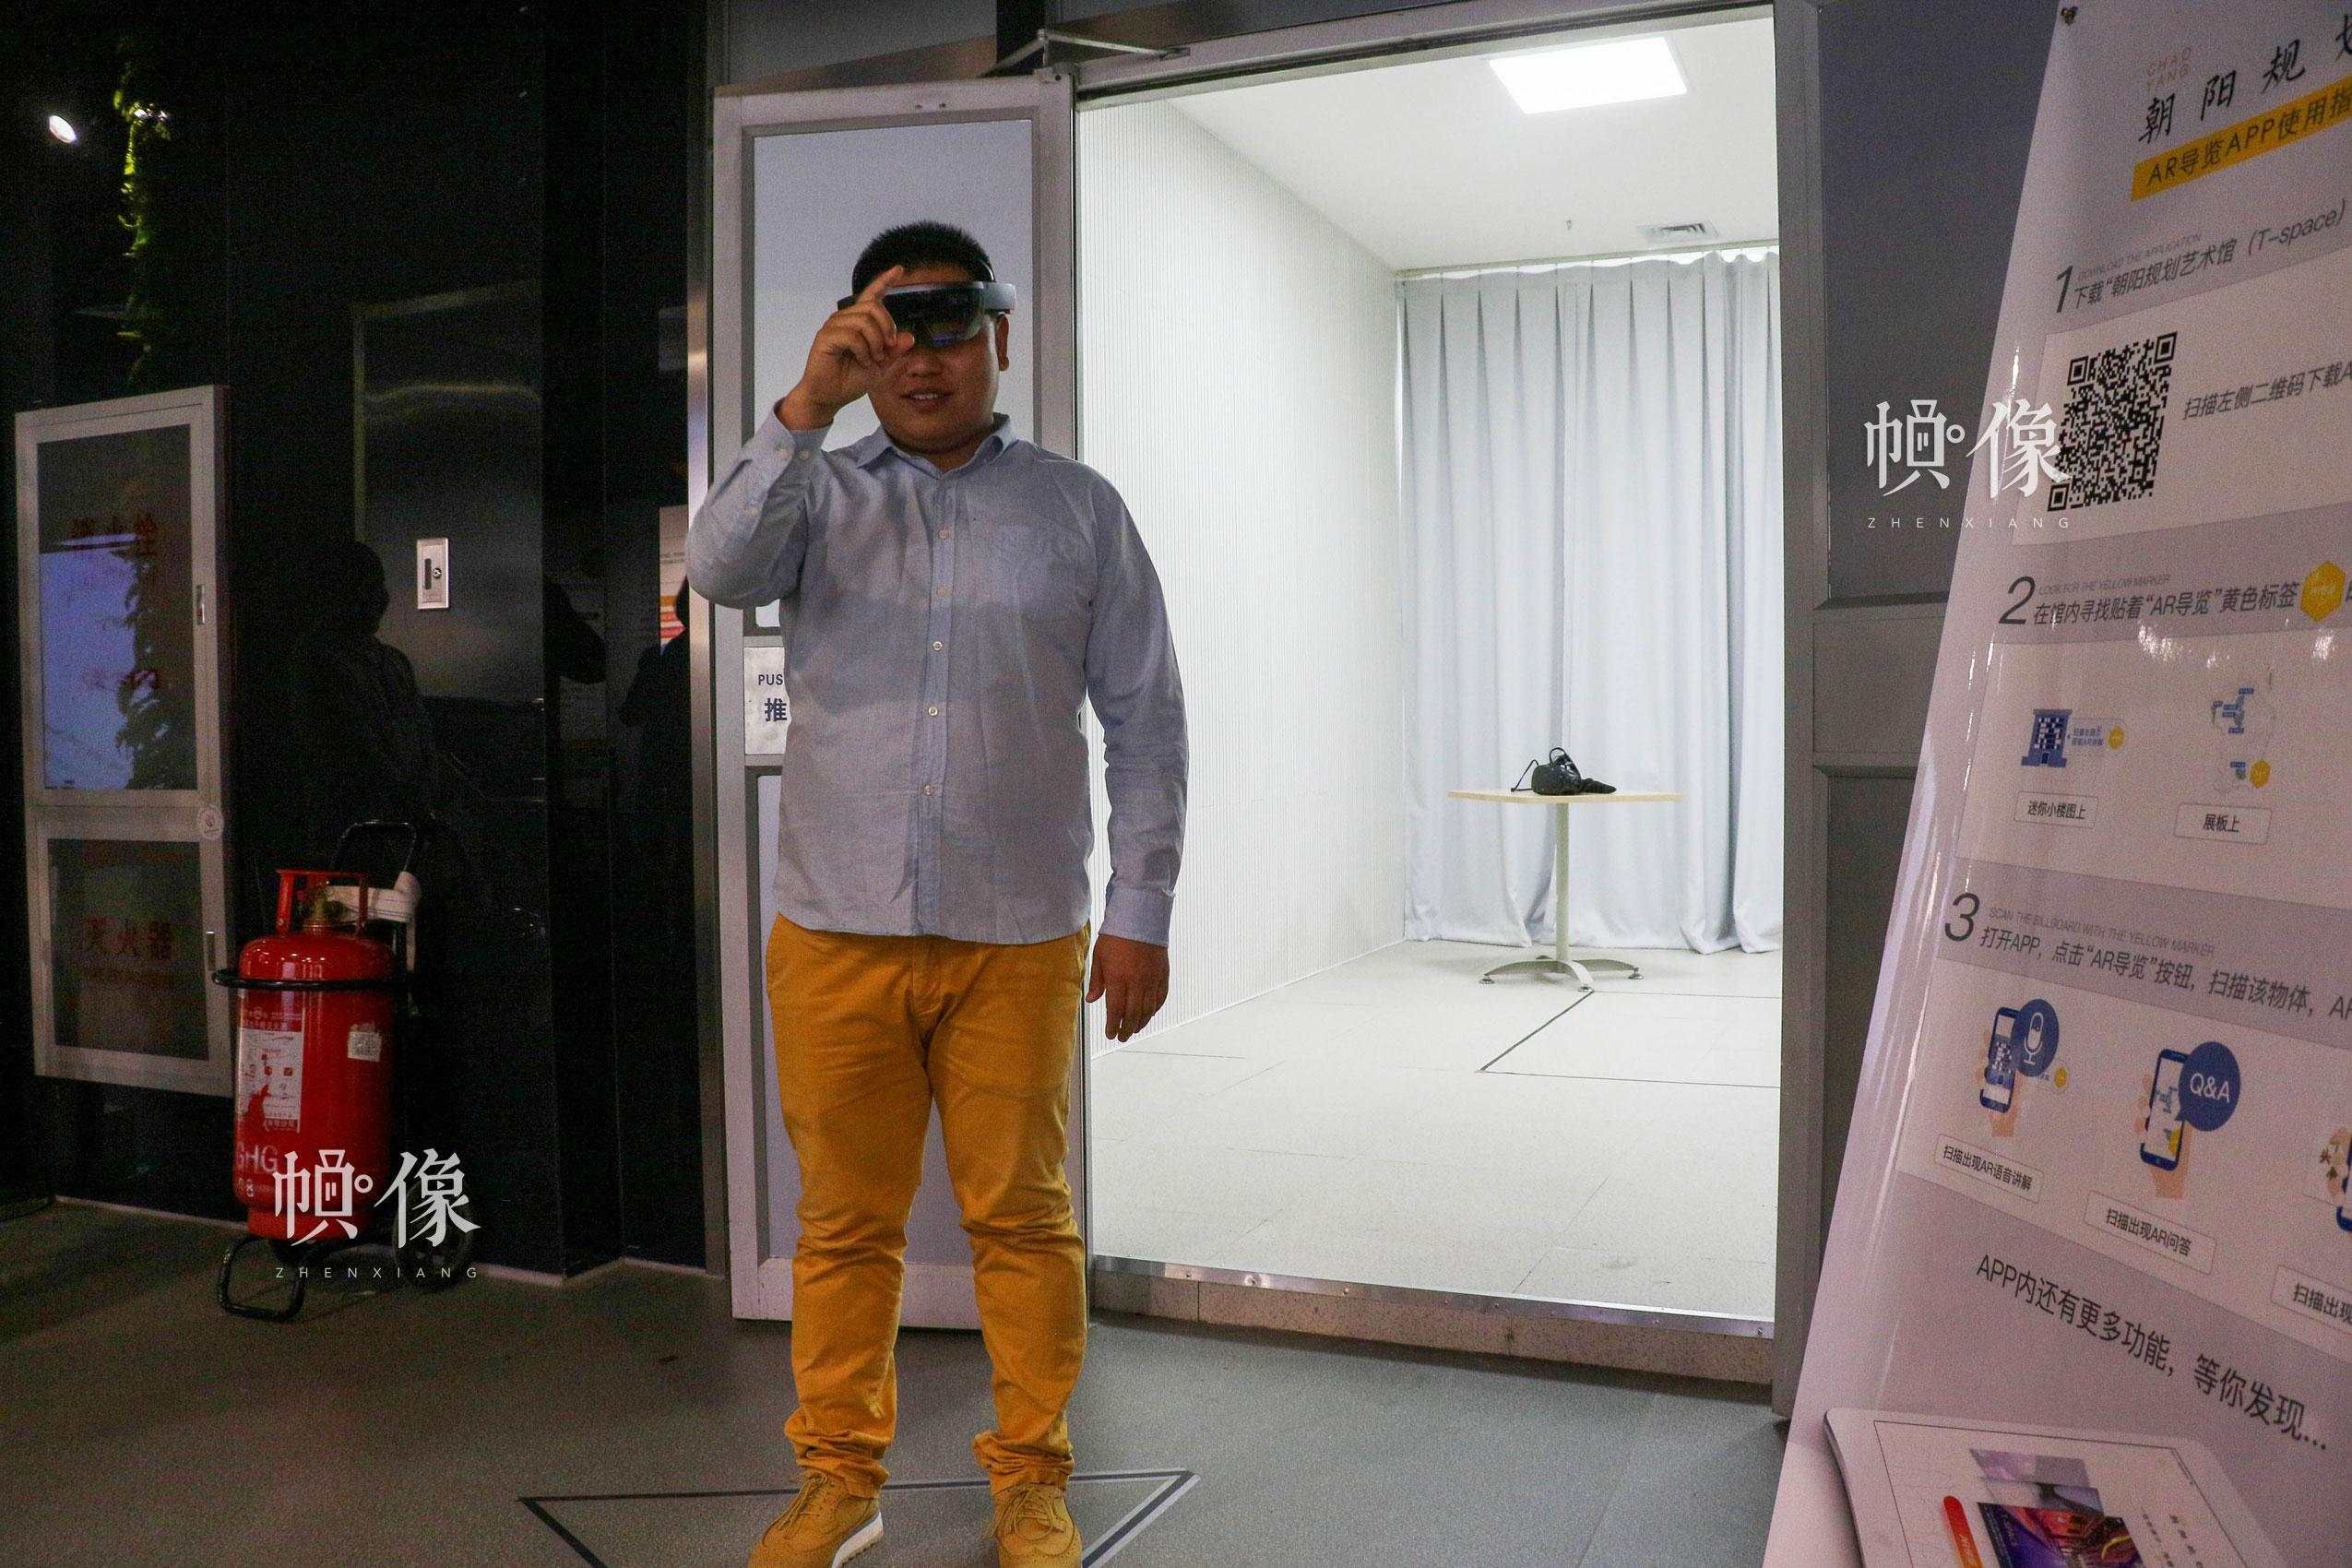 朝阳规划艺术结合微软Hololens产品,设置了MR(Mix-Reality)技术体验项目。图为体验者体验MR技术。中国网记者 赵超 摄